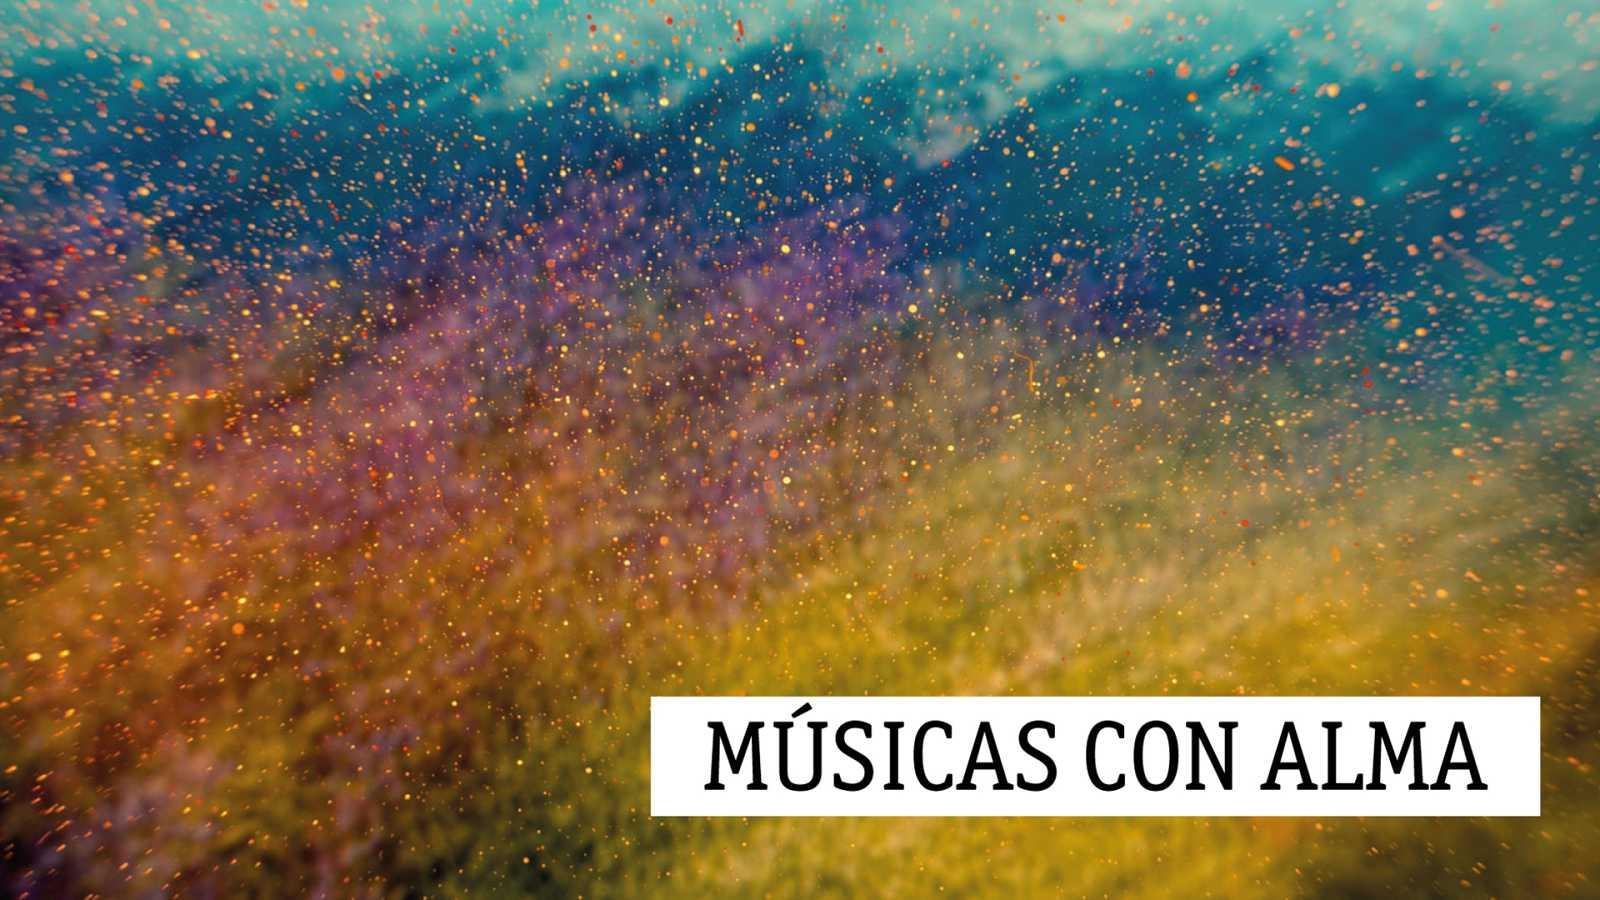 Músicas con alma - Alma quijotesca - 21/04/21 - escuchar ahora